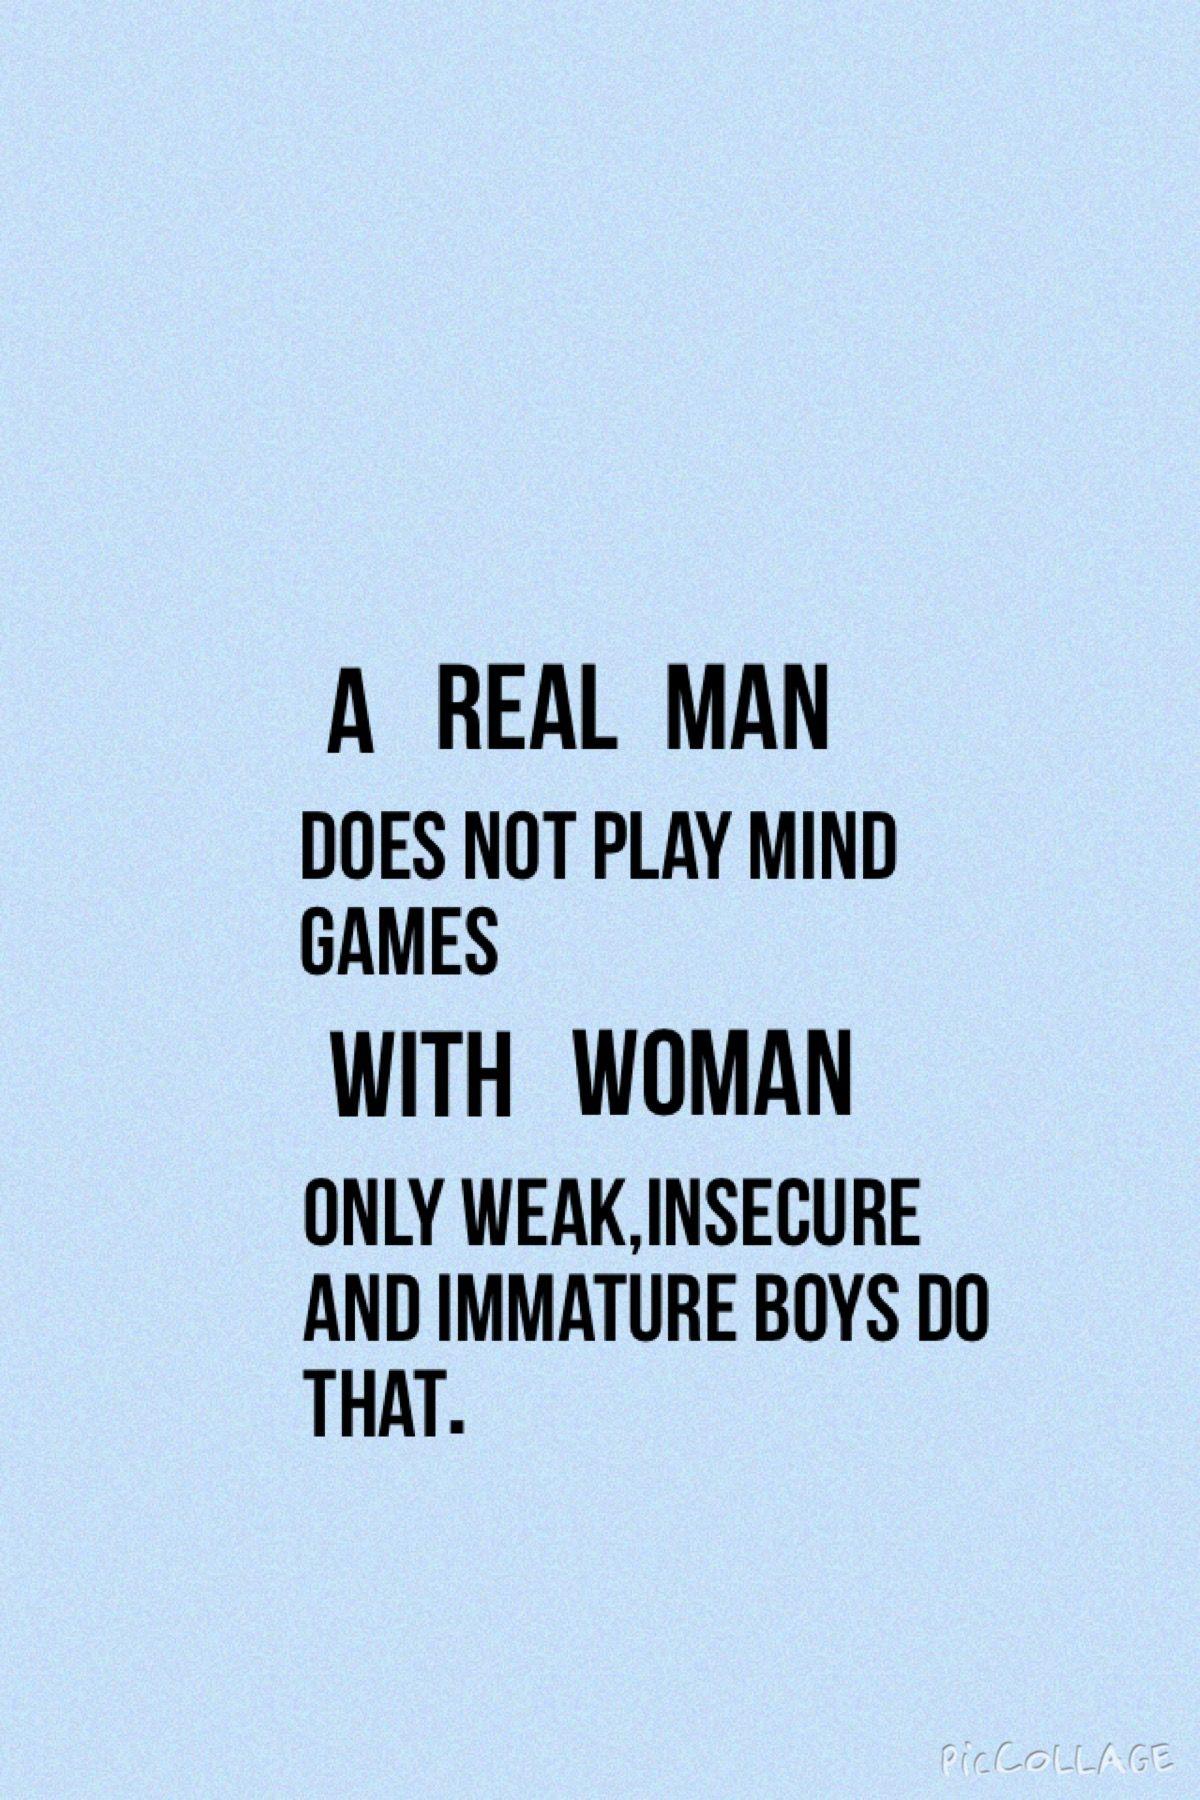 Men do not like overly affectionate, weak women